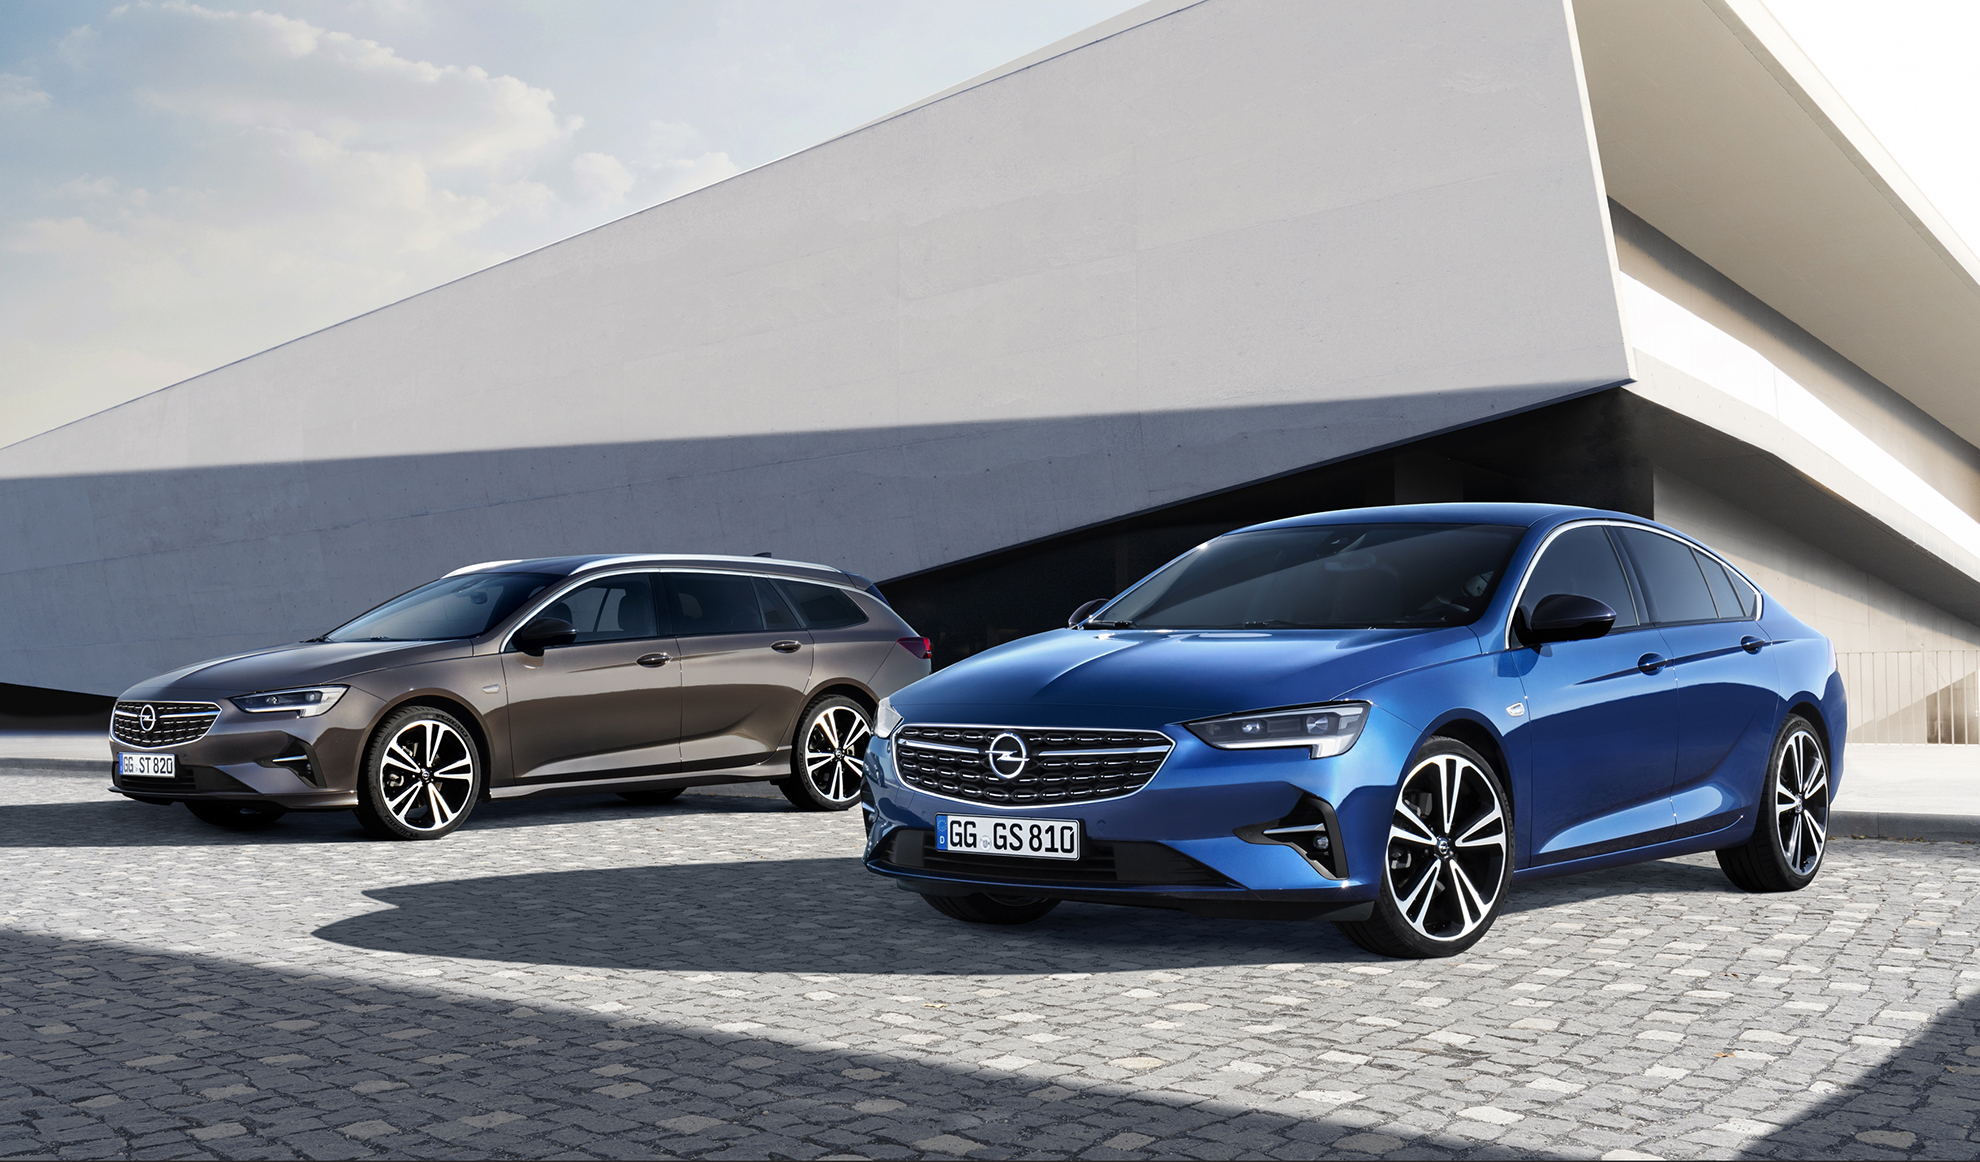 El Opel Insignia llega con dos carrocería distintas